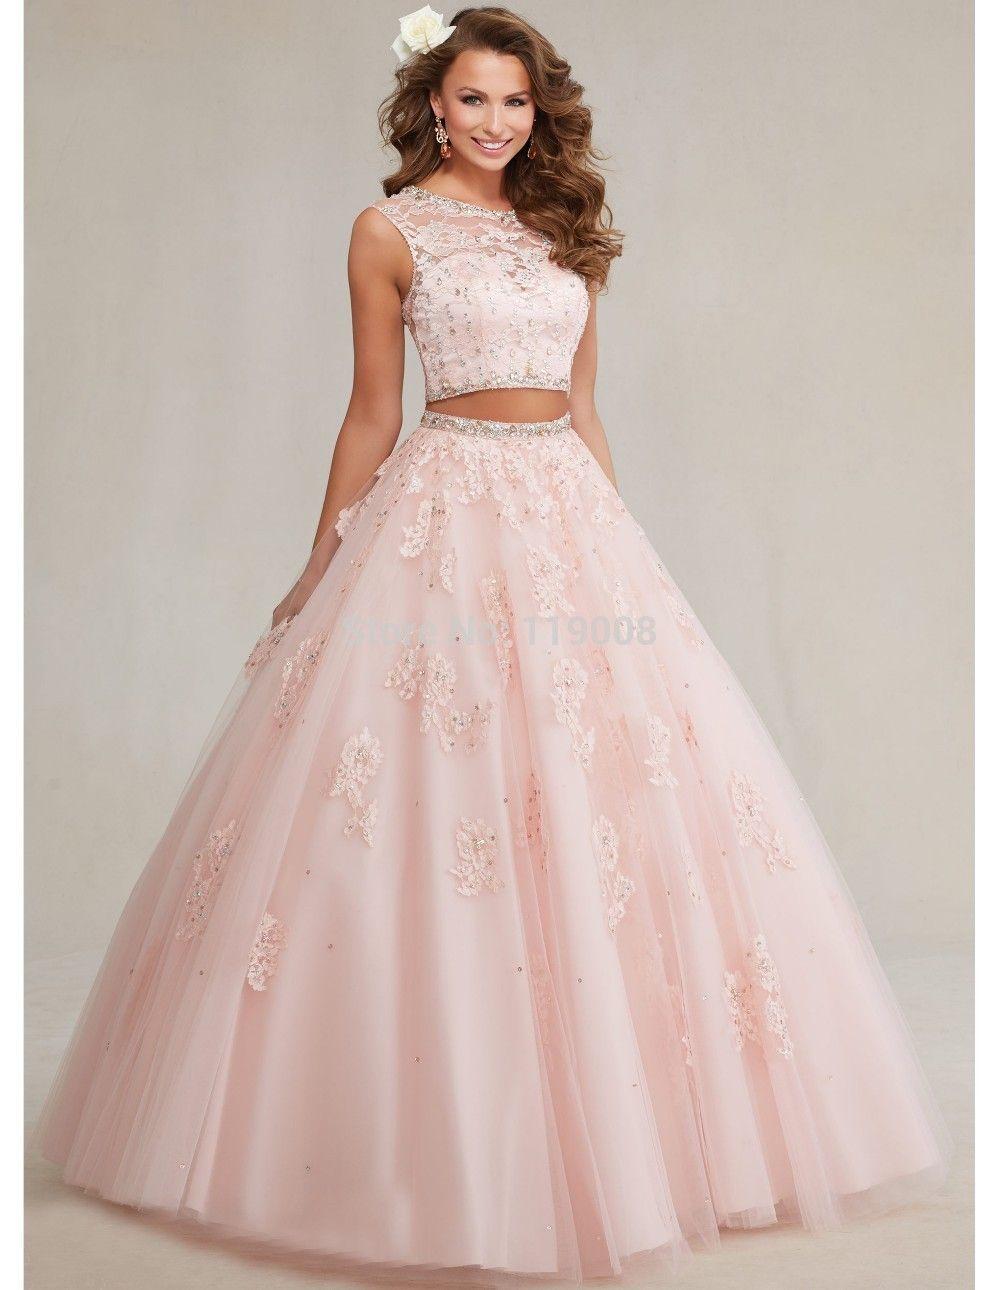 bab2c88aa758 vestidos ala moda largos 2016 - Buscar con Google | Ves_tidos | 15 ...